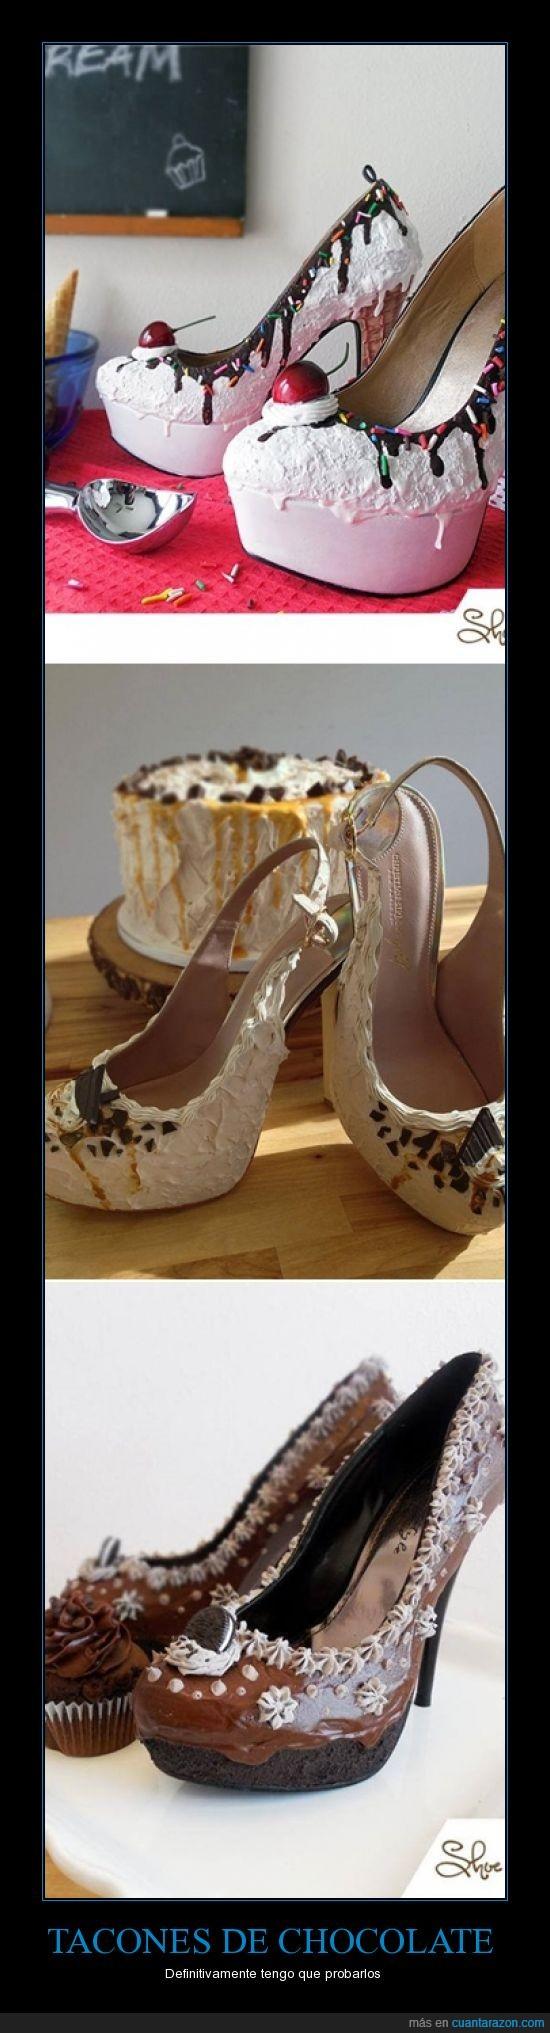 chocolate,comer,pastel,tacones,zapatos